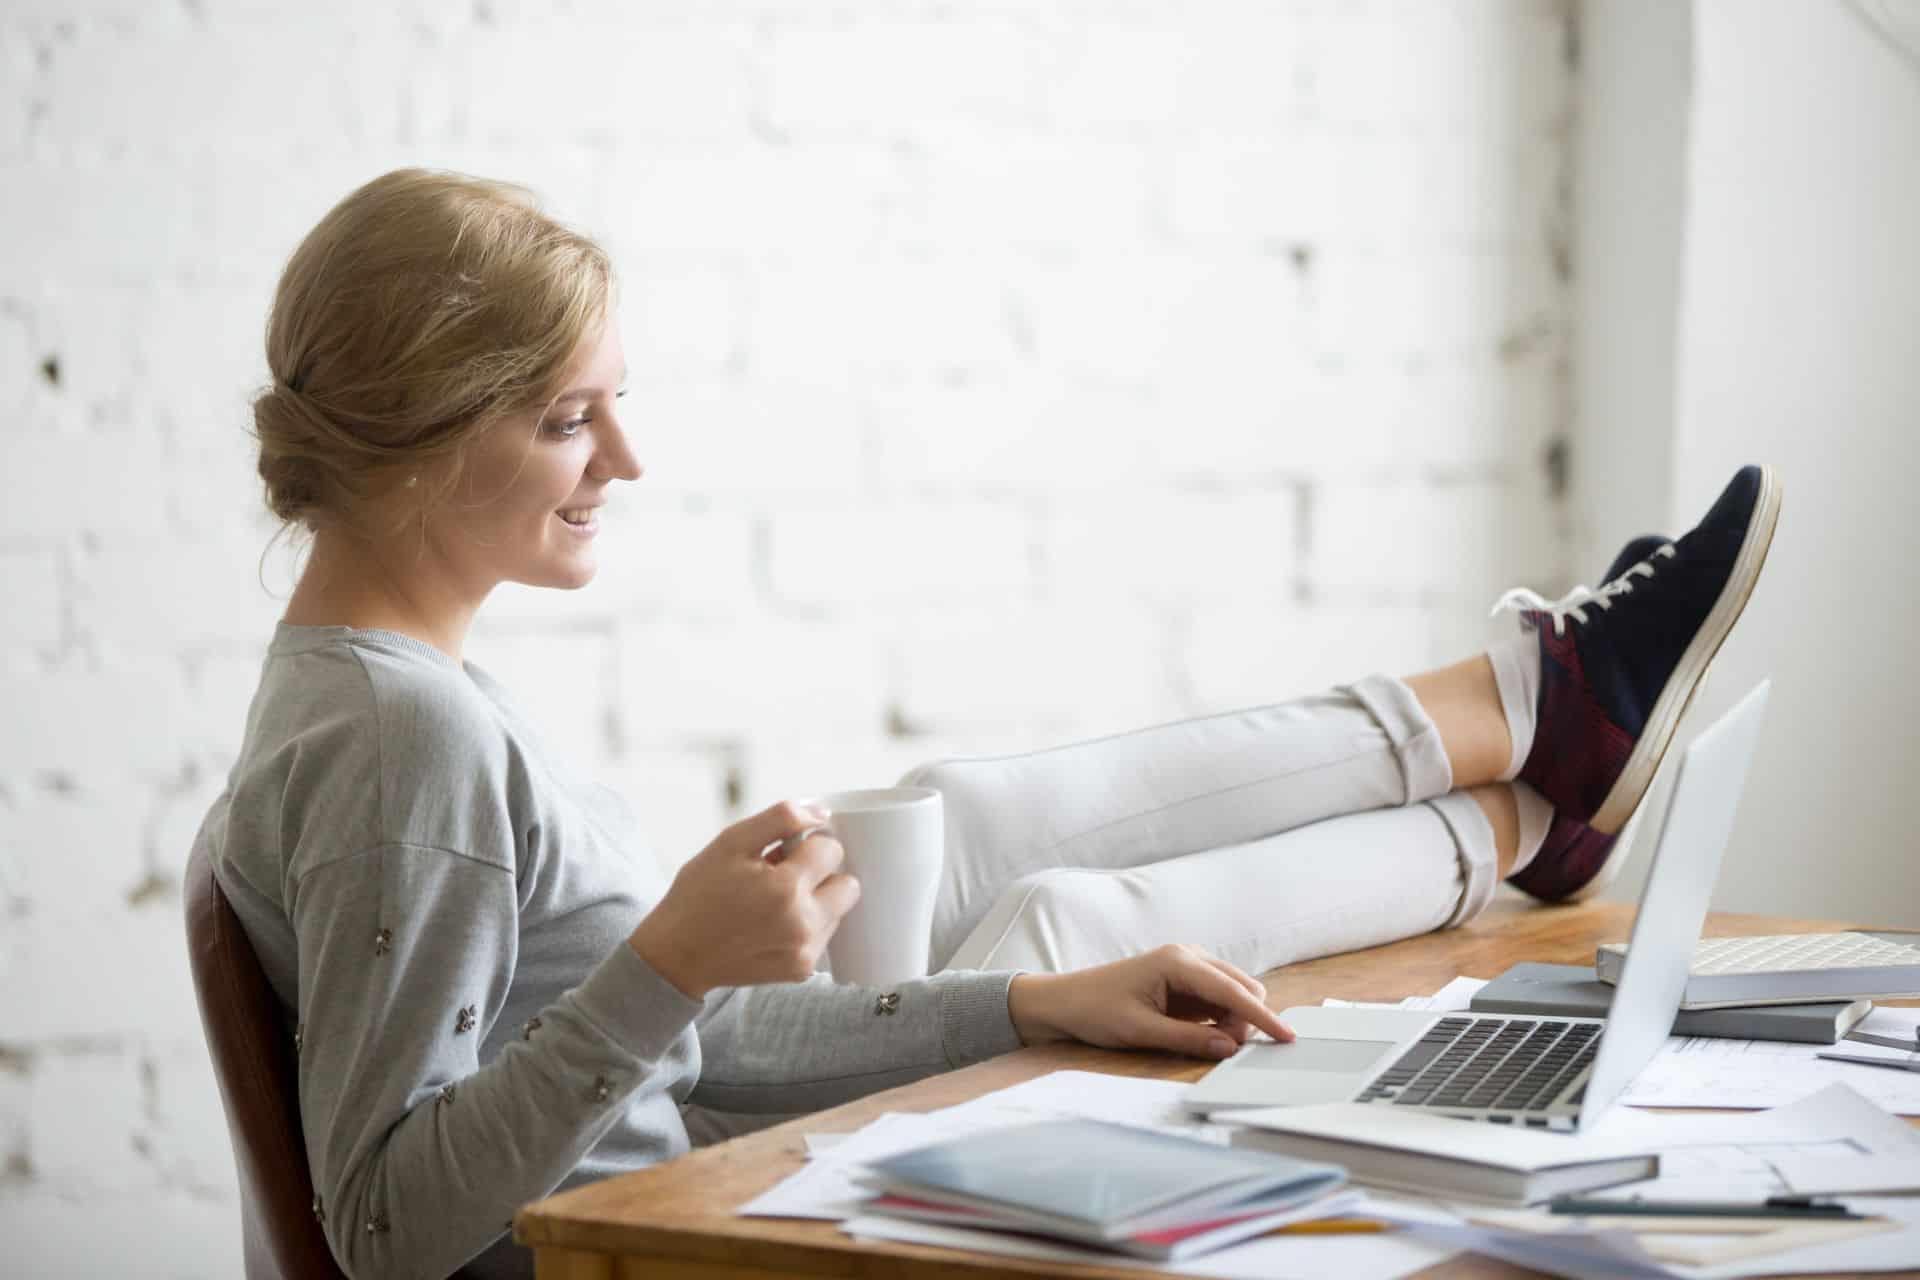 Mivel érdemes otthon foglalkozni amivel pénzt is lehet keresni?